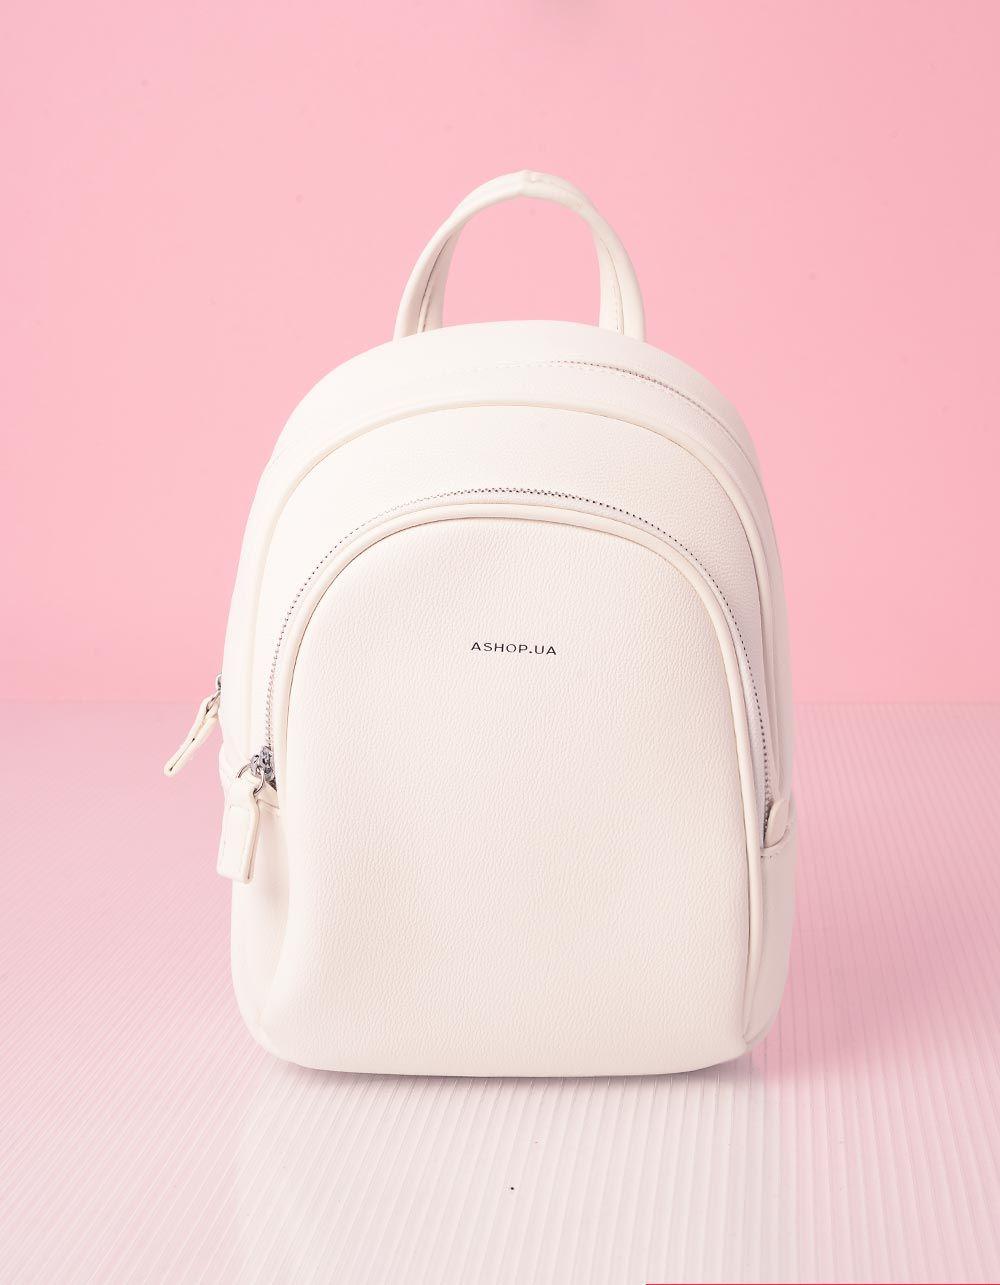 Рюкзак для прогулянок з кишенями ASHOP.UA | 238958-01-XX